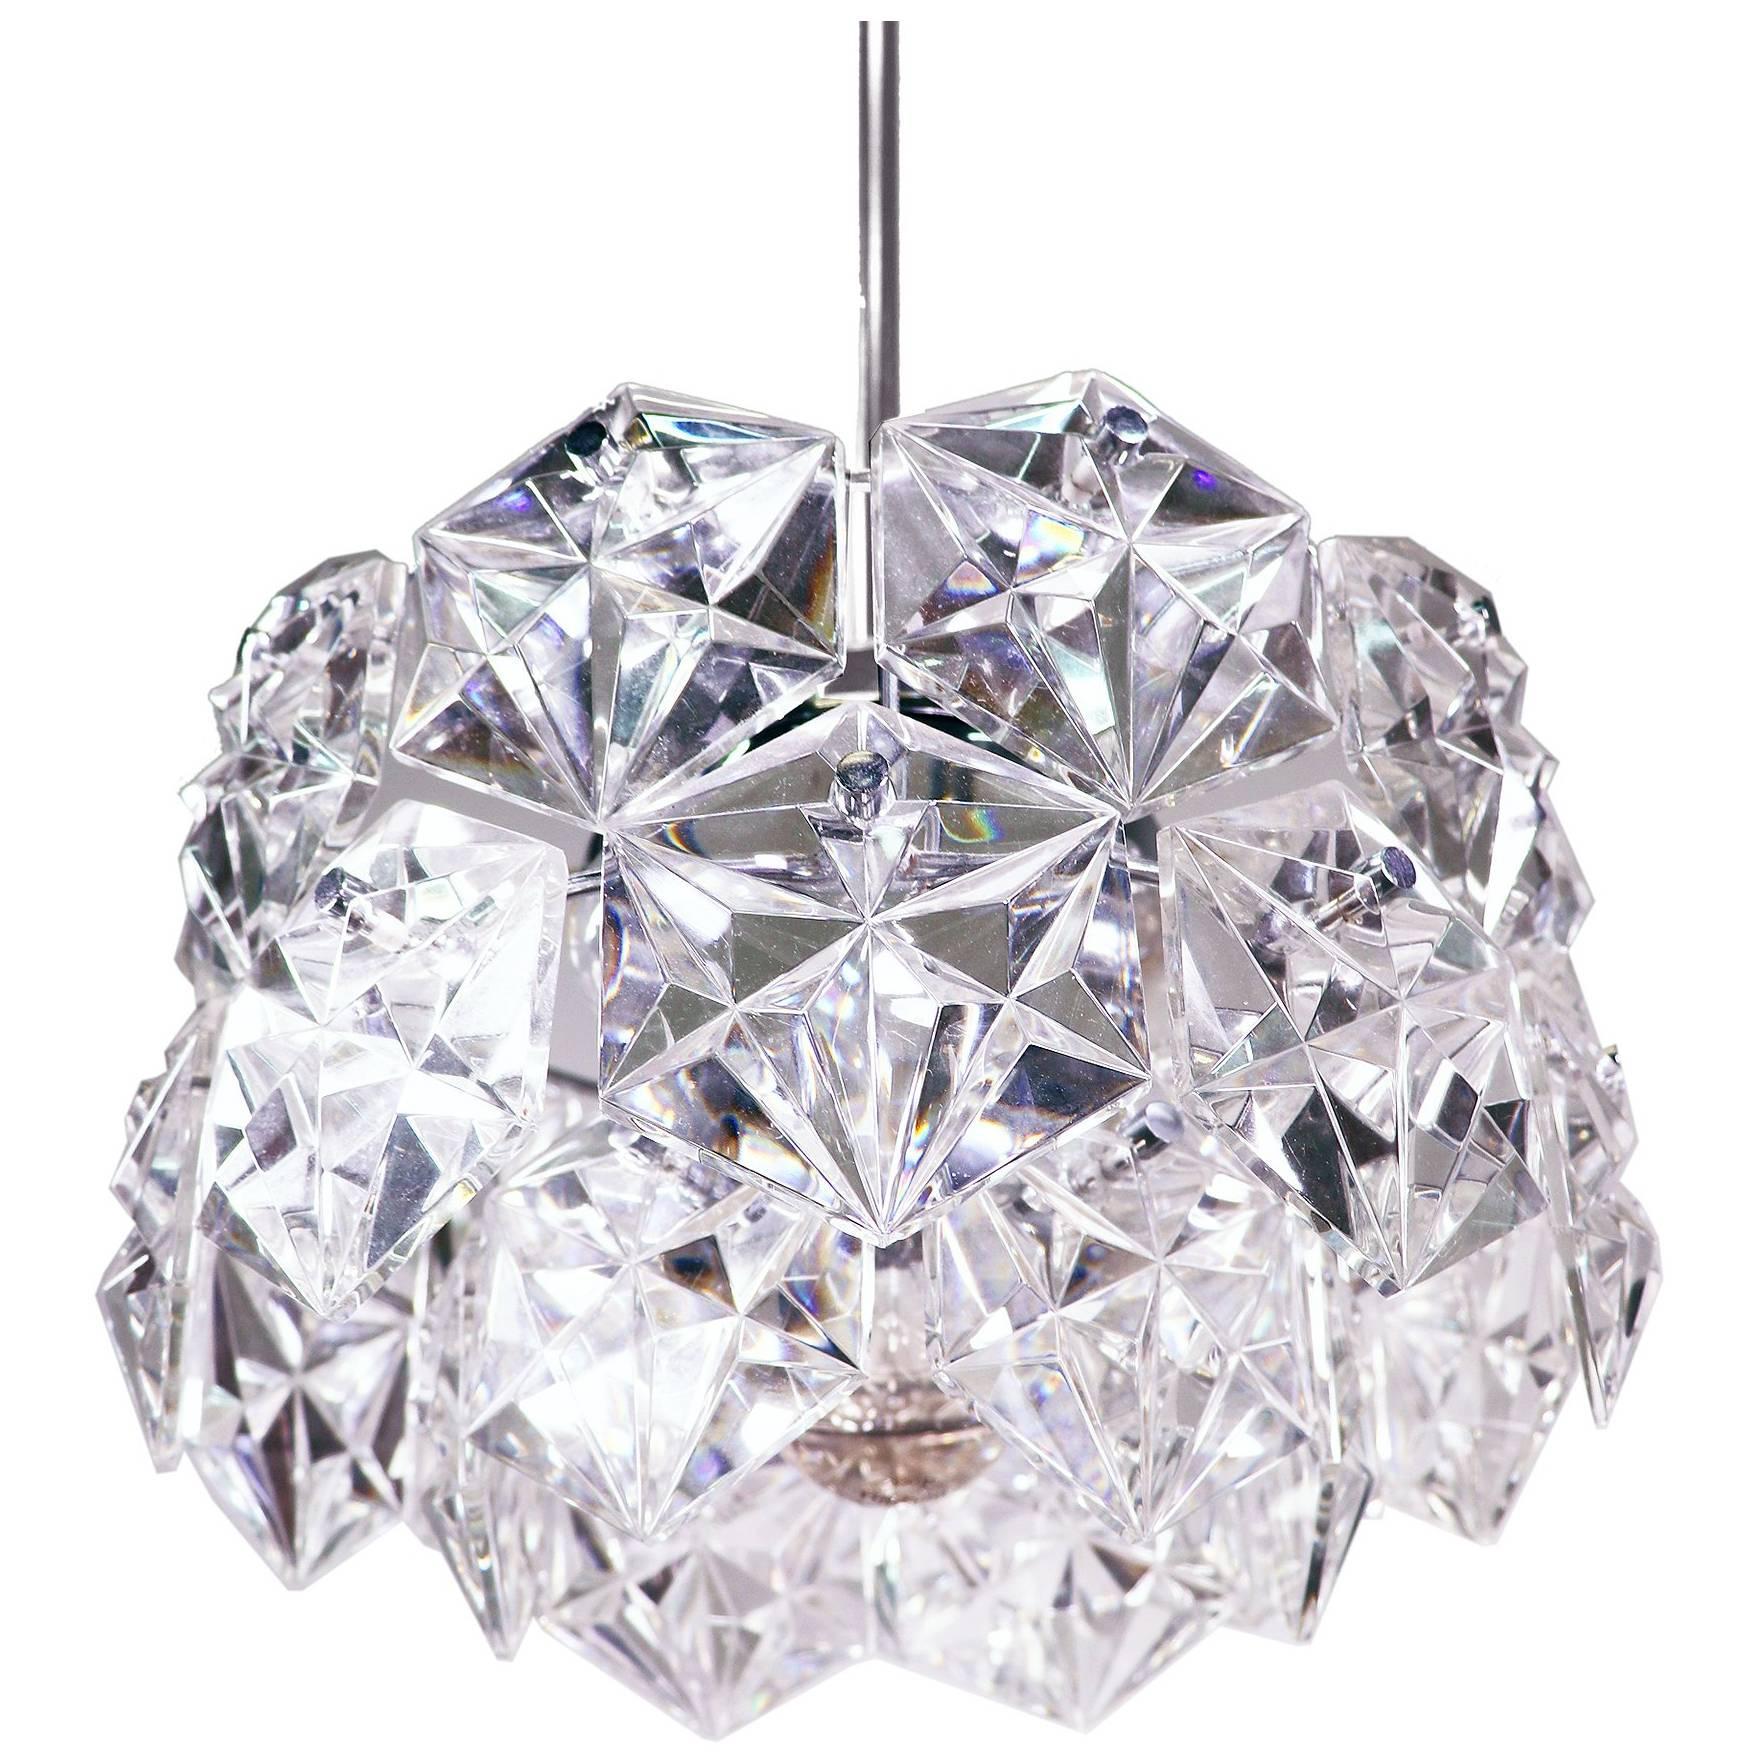 Sputnik Chandelier Crystal Glass & Chrome by Kinkeldey, Germany, 1960s